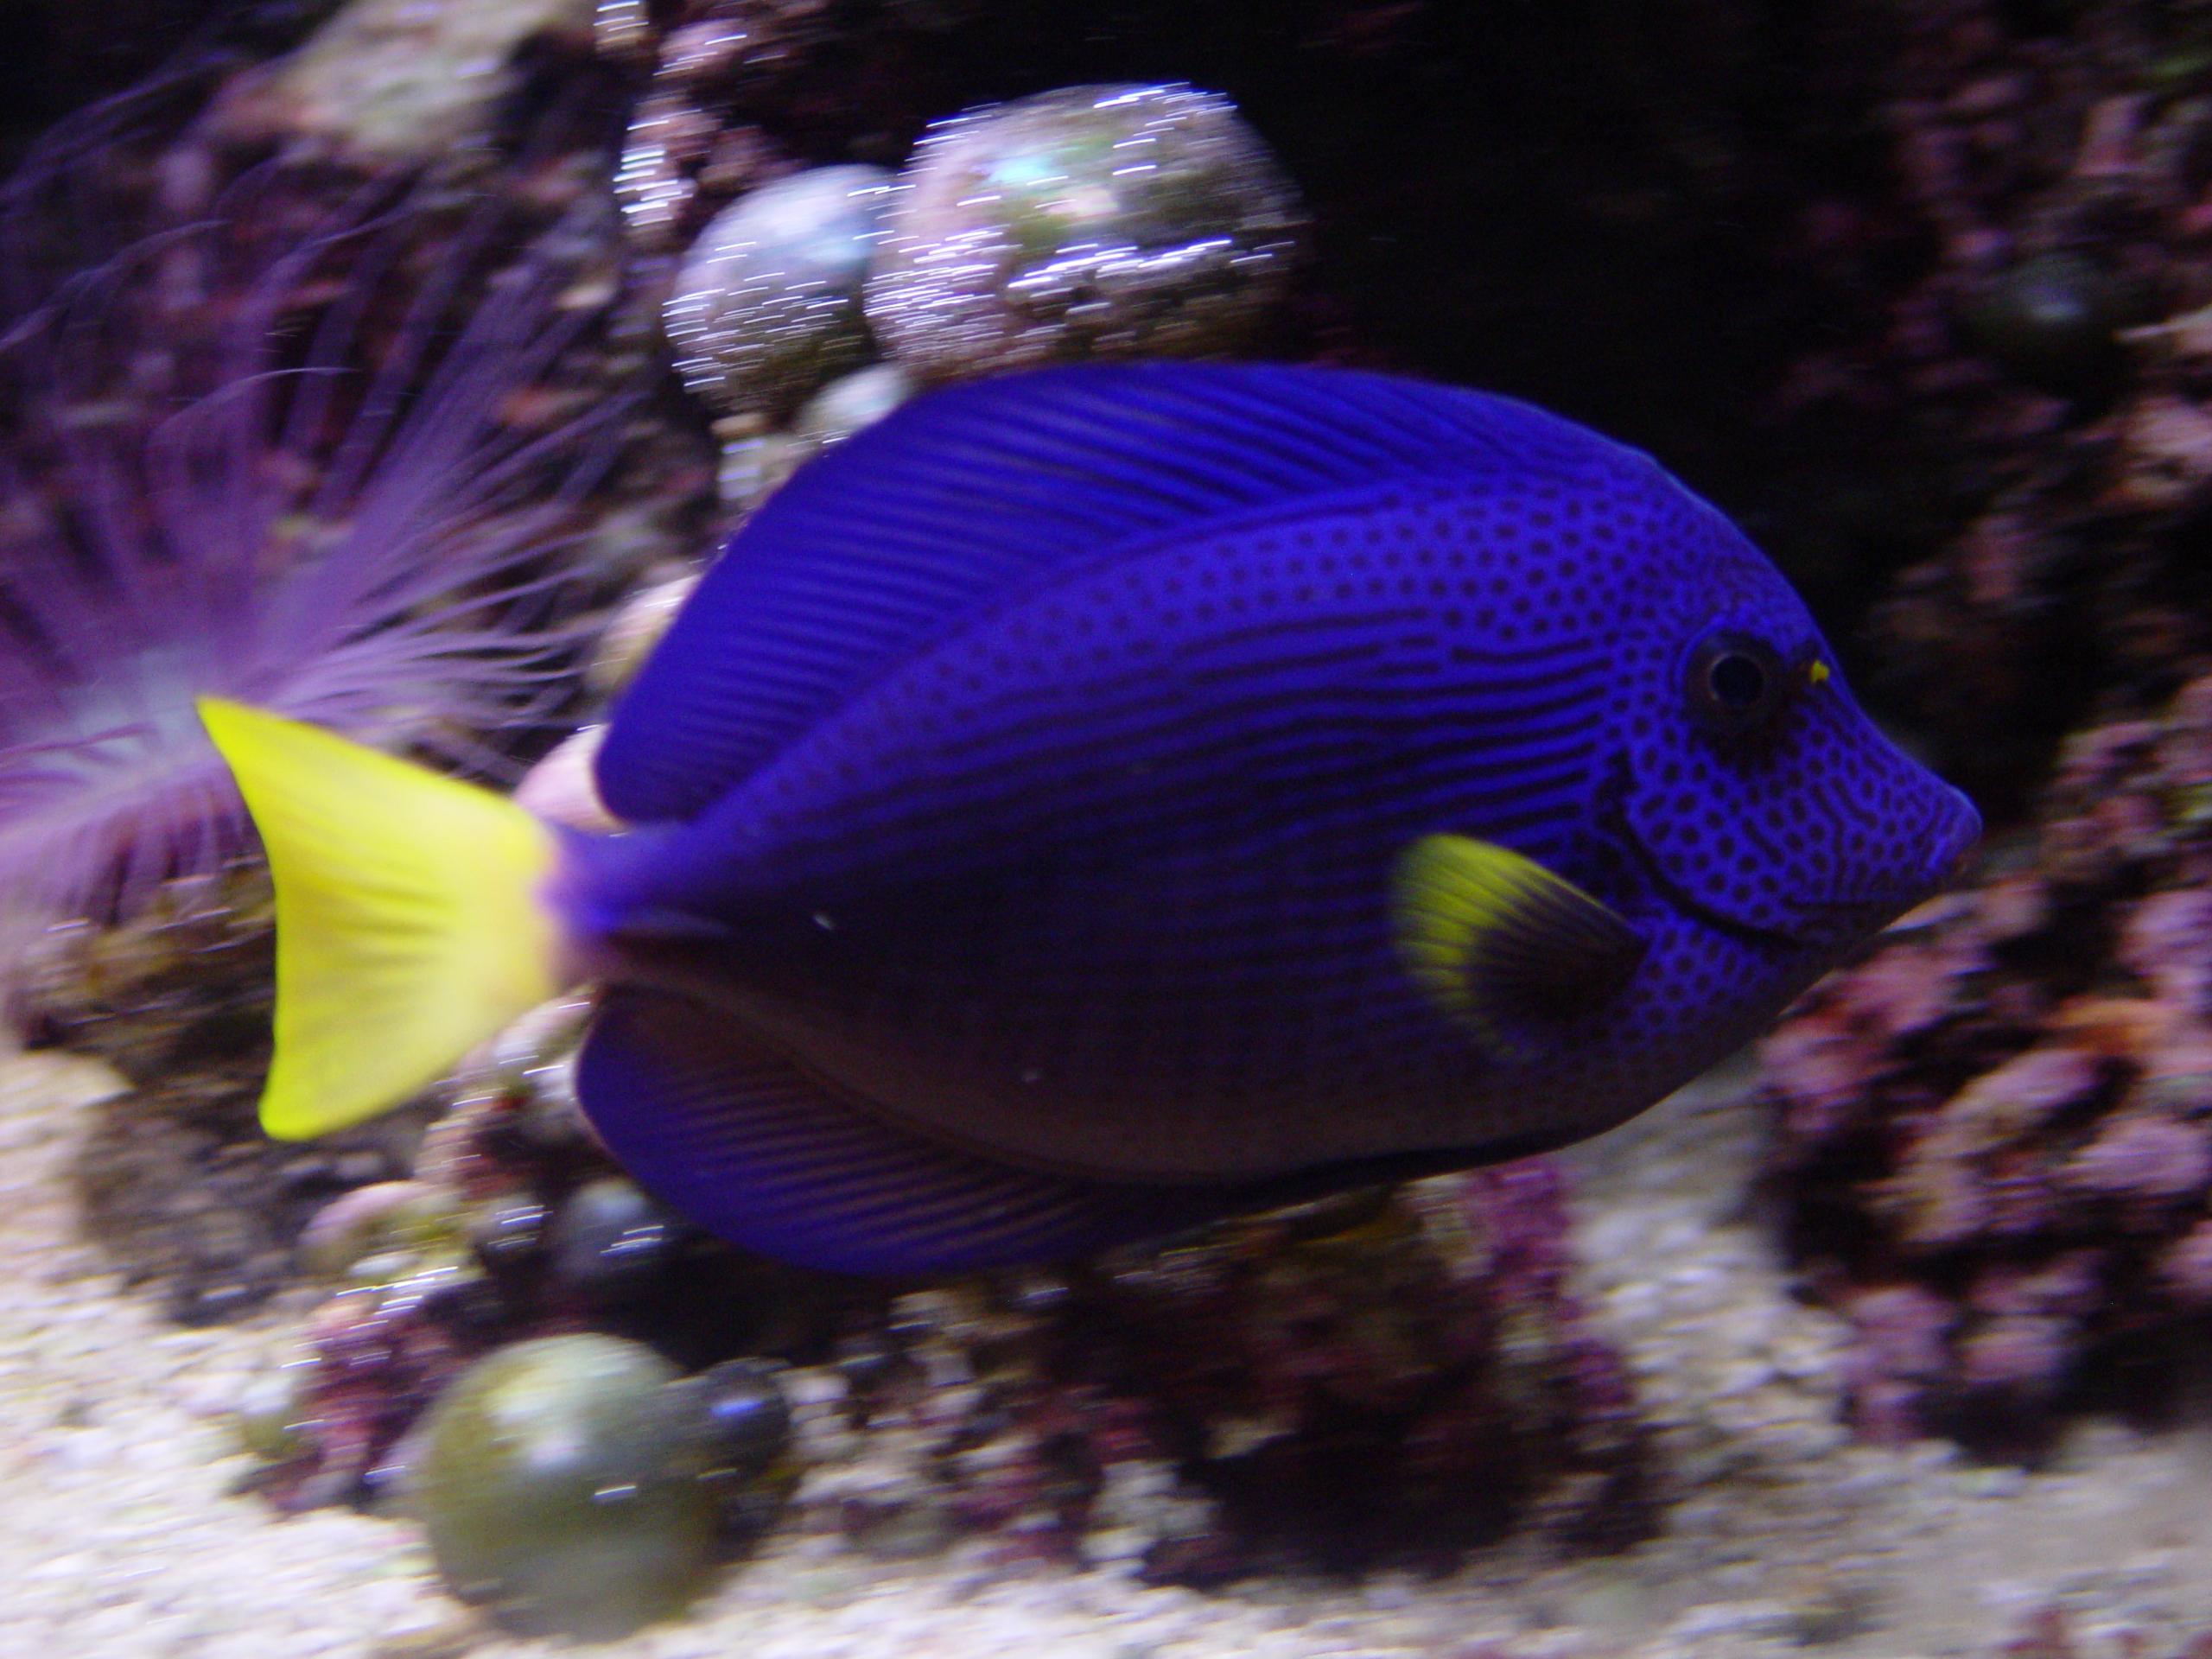 Purple Tang (Zebrasoma xanthurum) dsc05772.jpg